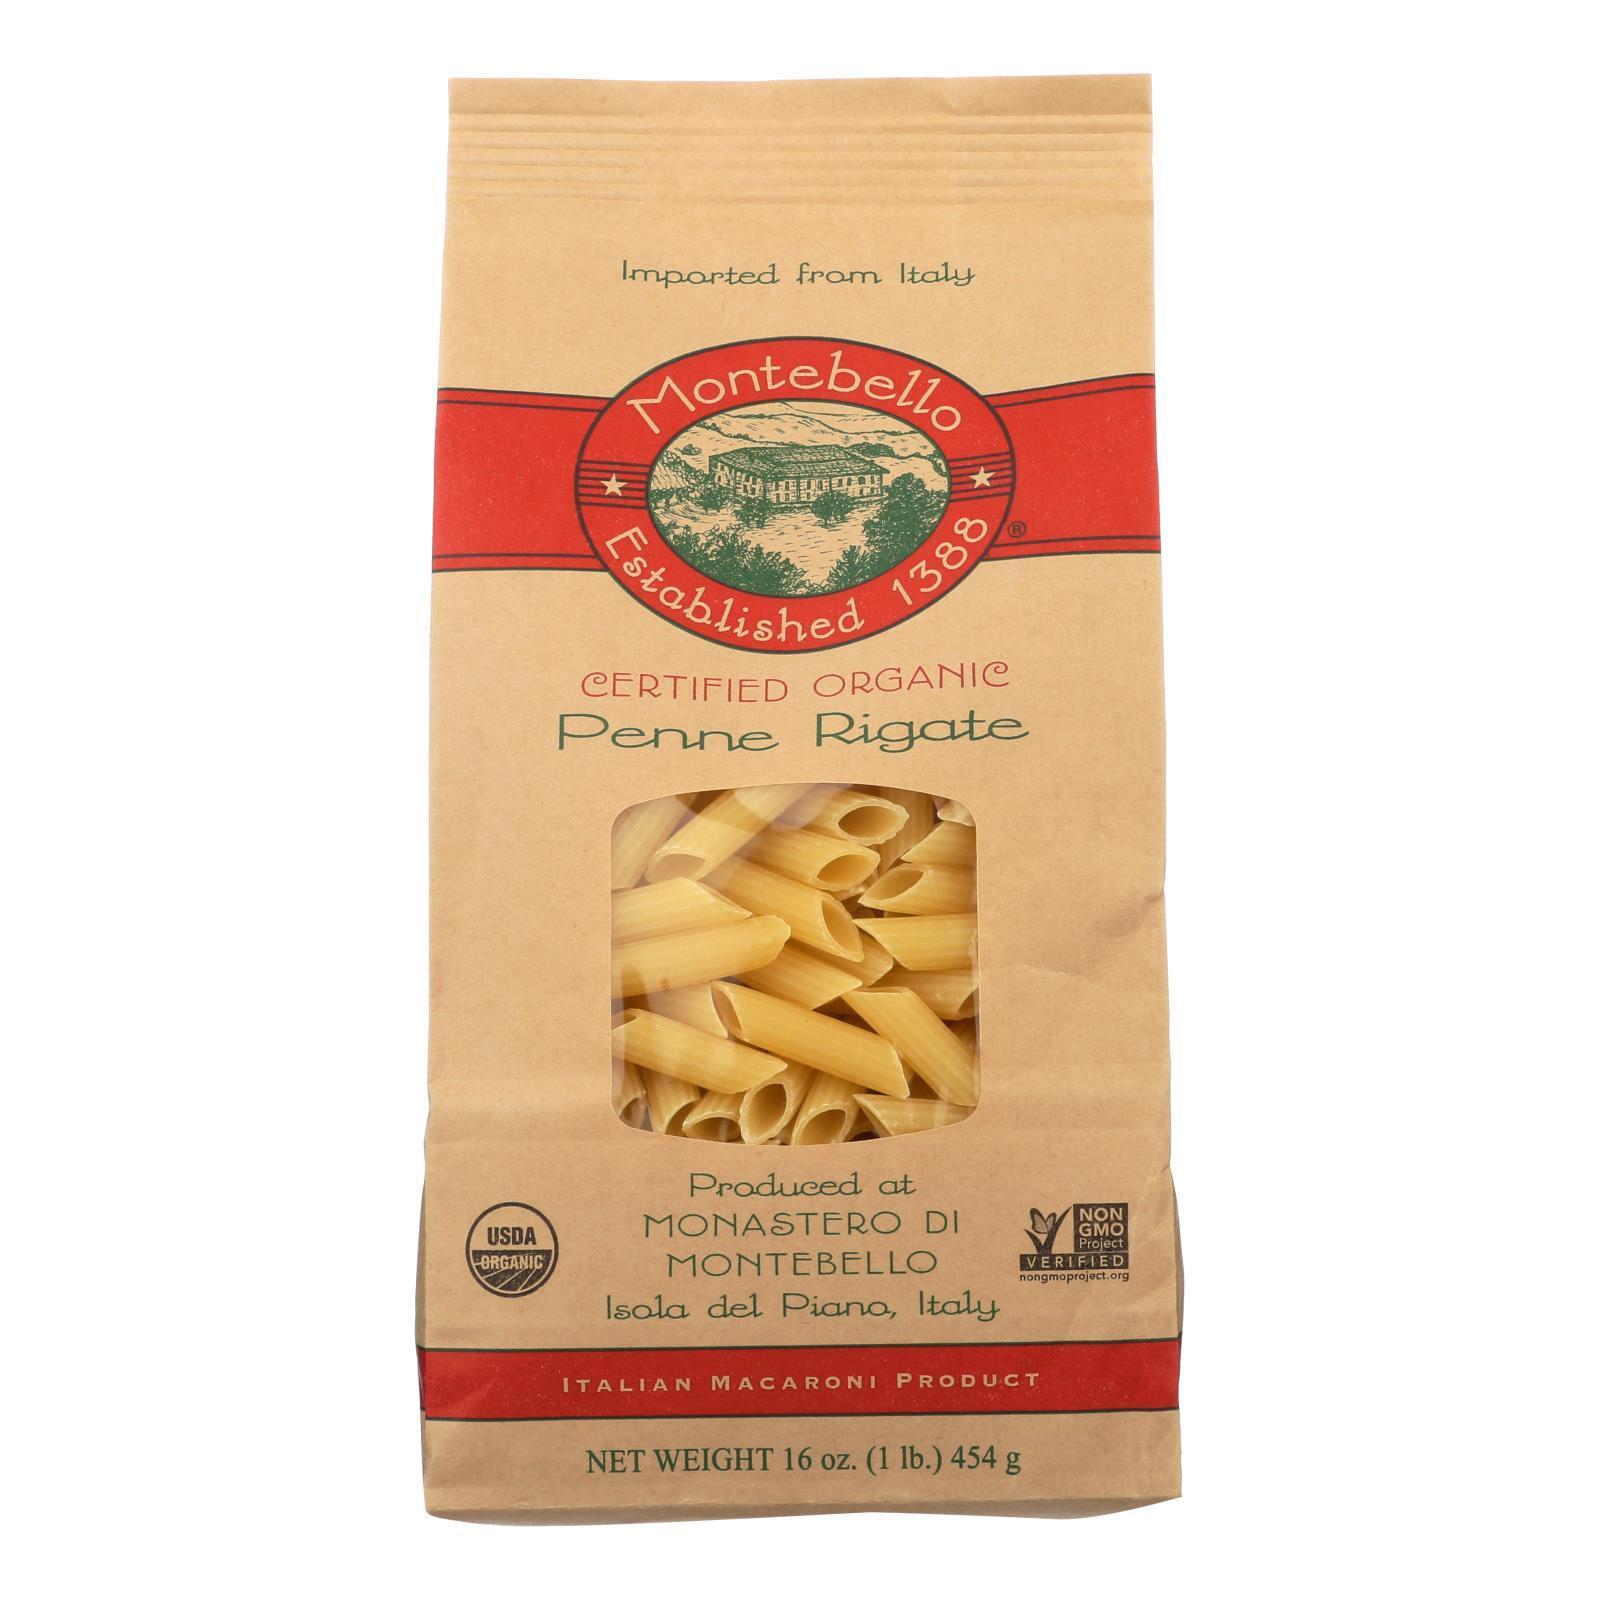 Montebello Organic Pasta - Penne Rigate - Case of 12 - 1 lb.